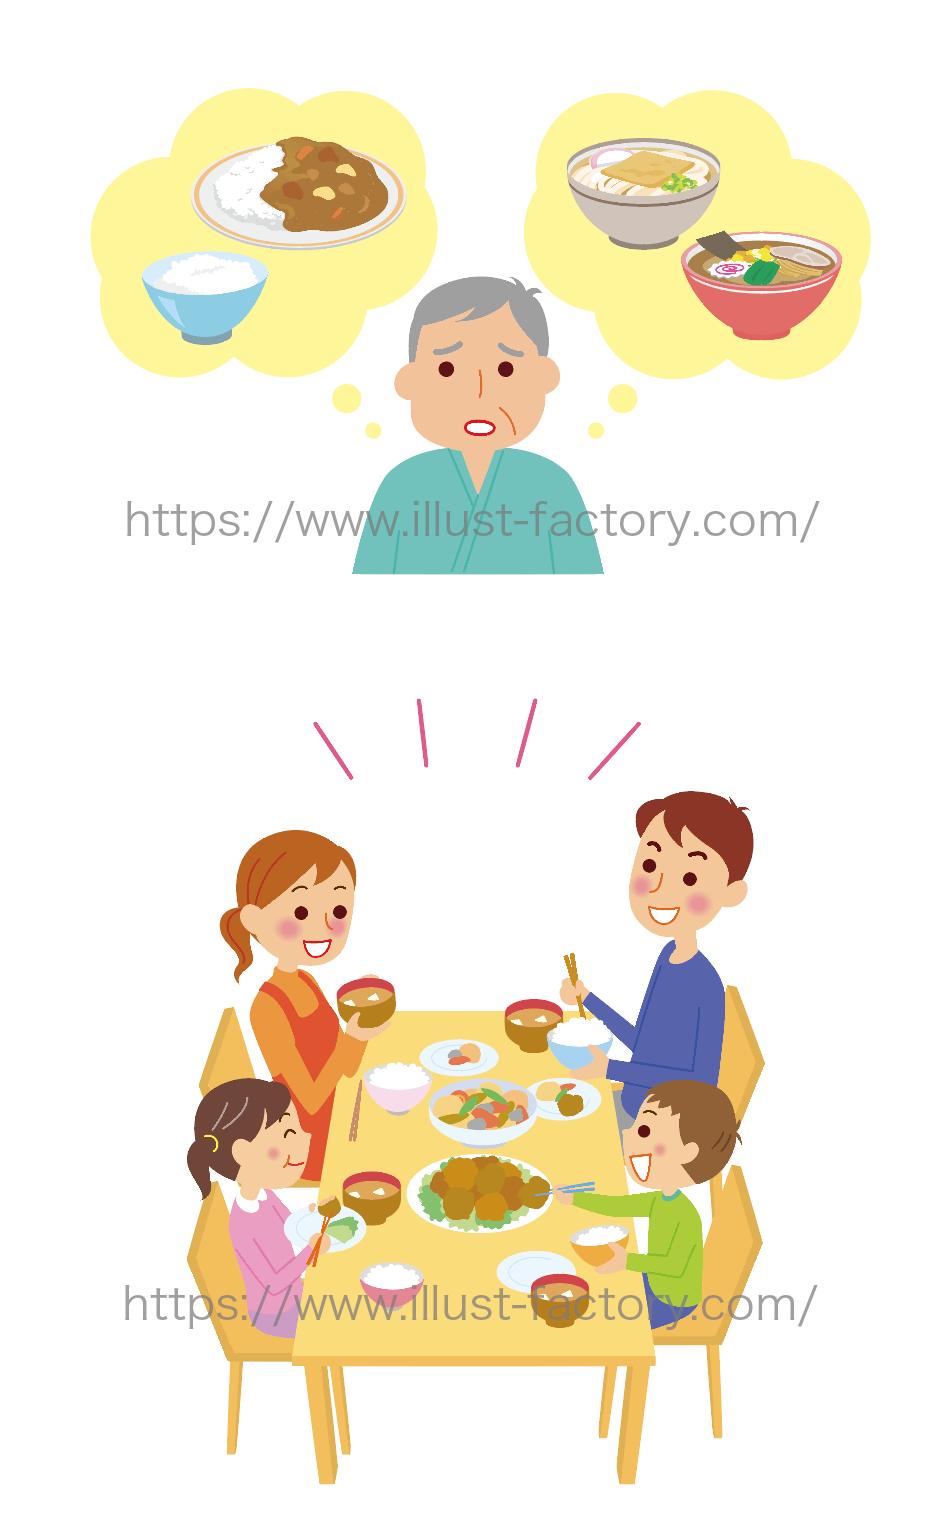 医療関連イラスト家族食事イラスト糖尿病患者向けの内容 お仕事